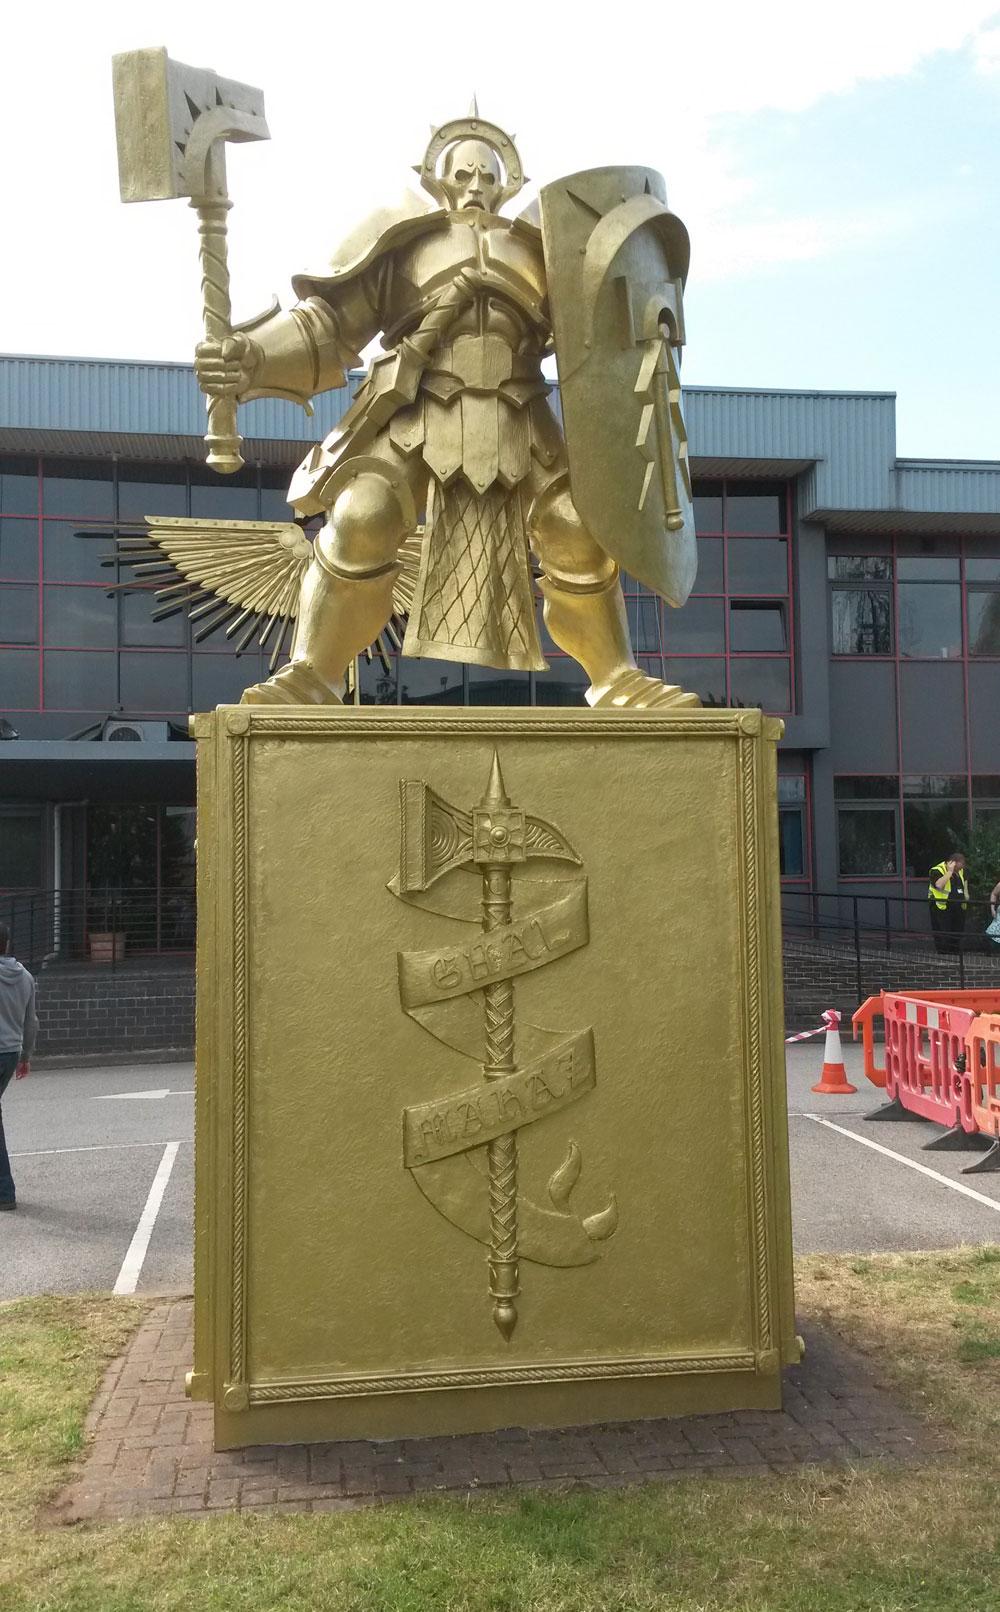 Games Workshop Statue And Wing Emblem Ian Bishop Design Ltd